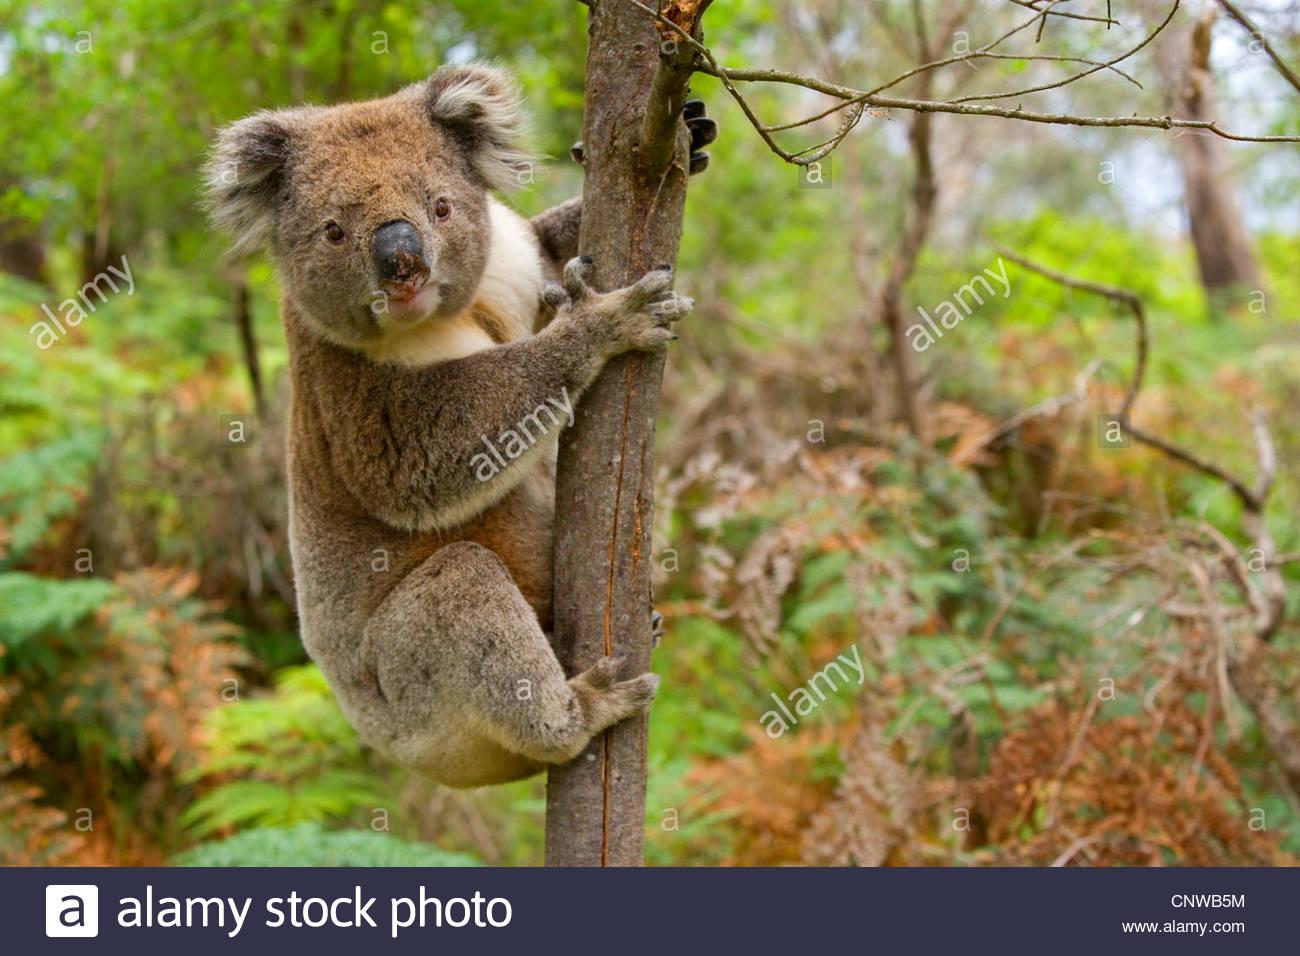 koala koala bear Phascolarctos cinereus strong male Koala